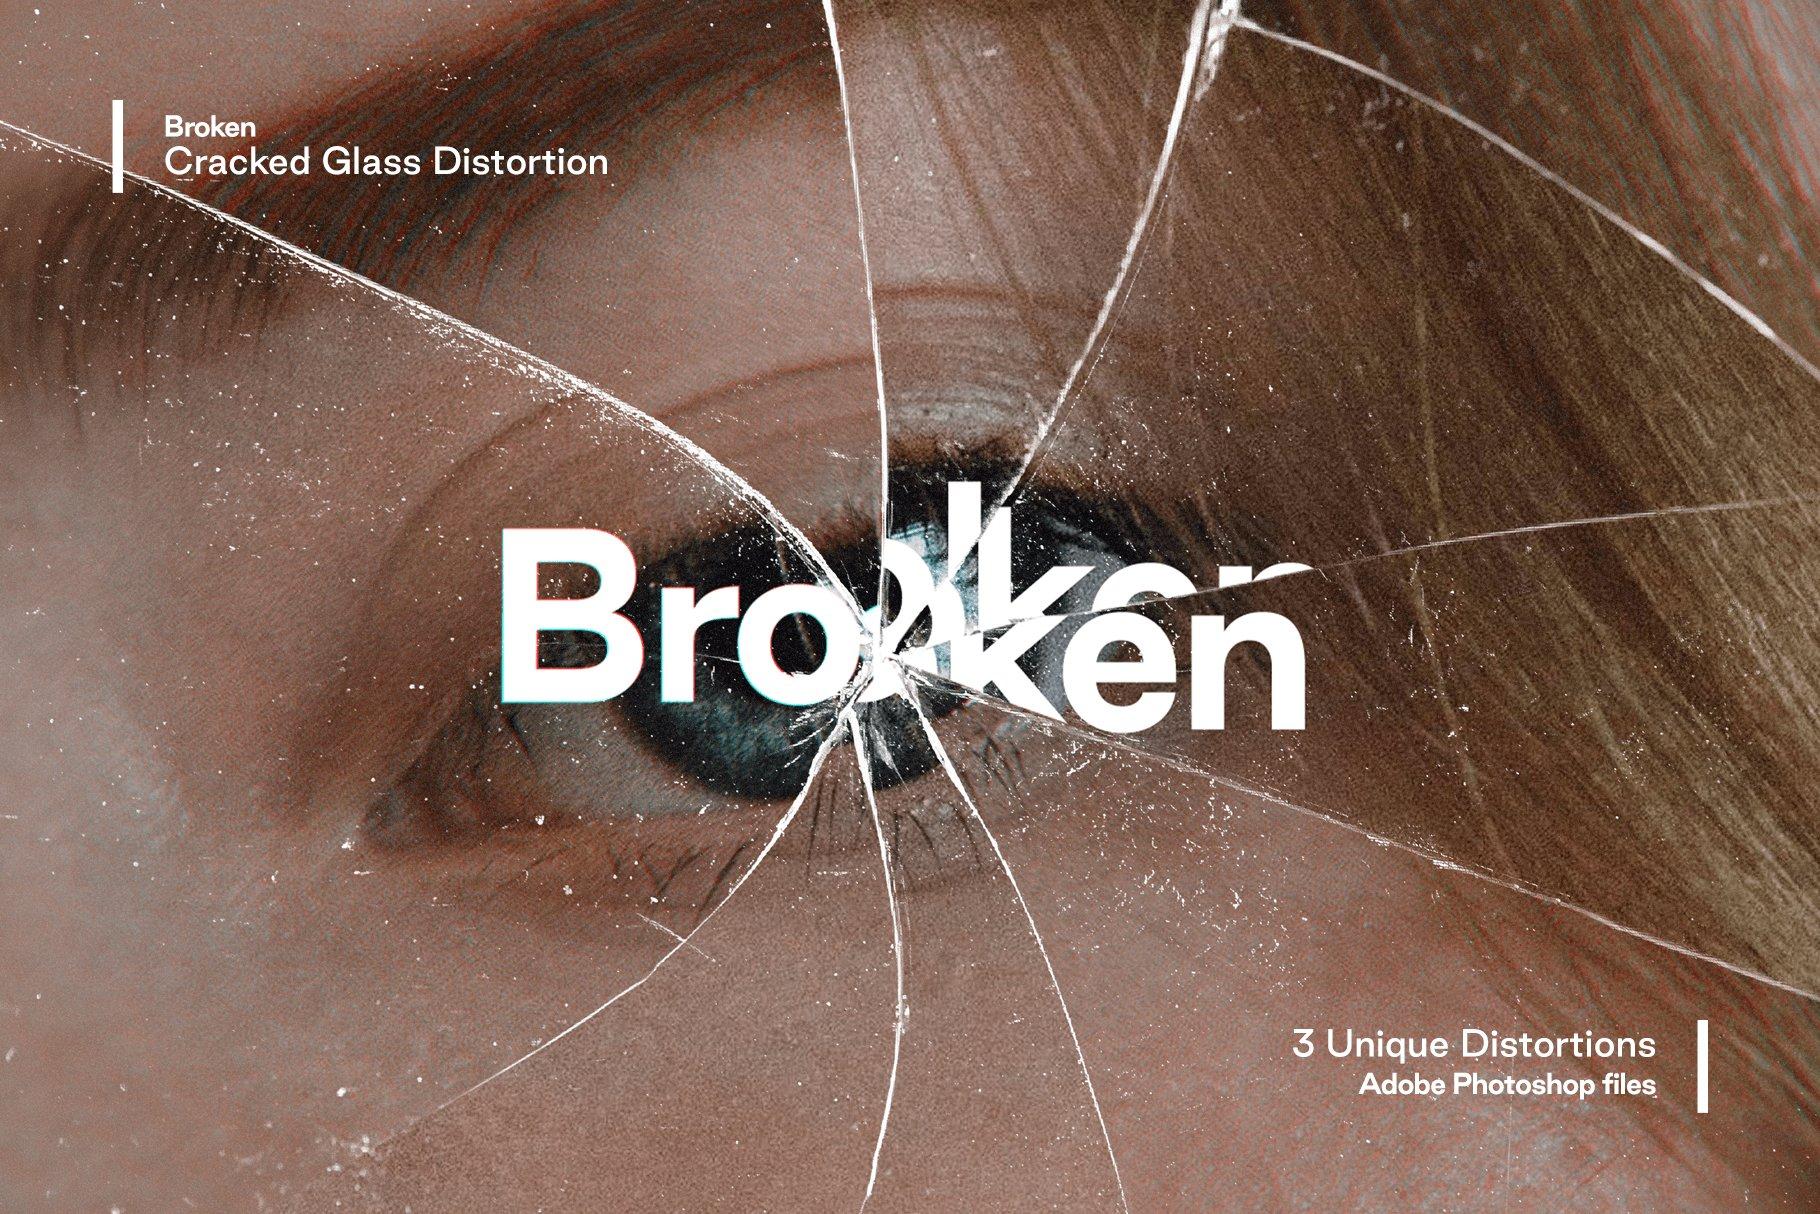 [淘宝购买]模糊破碎破裂变形玻璃叠加层背景PS设计素材 Broken – Cracked Glass Distortions插图